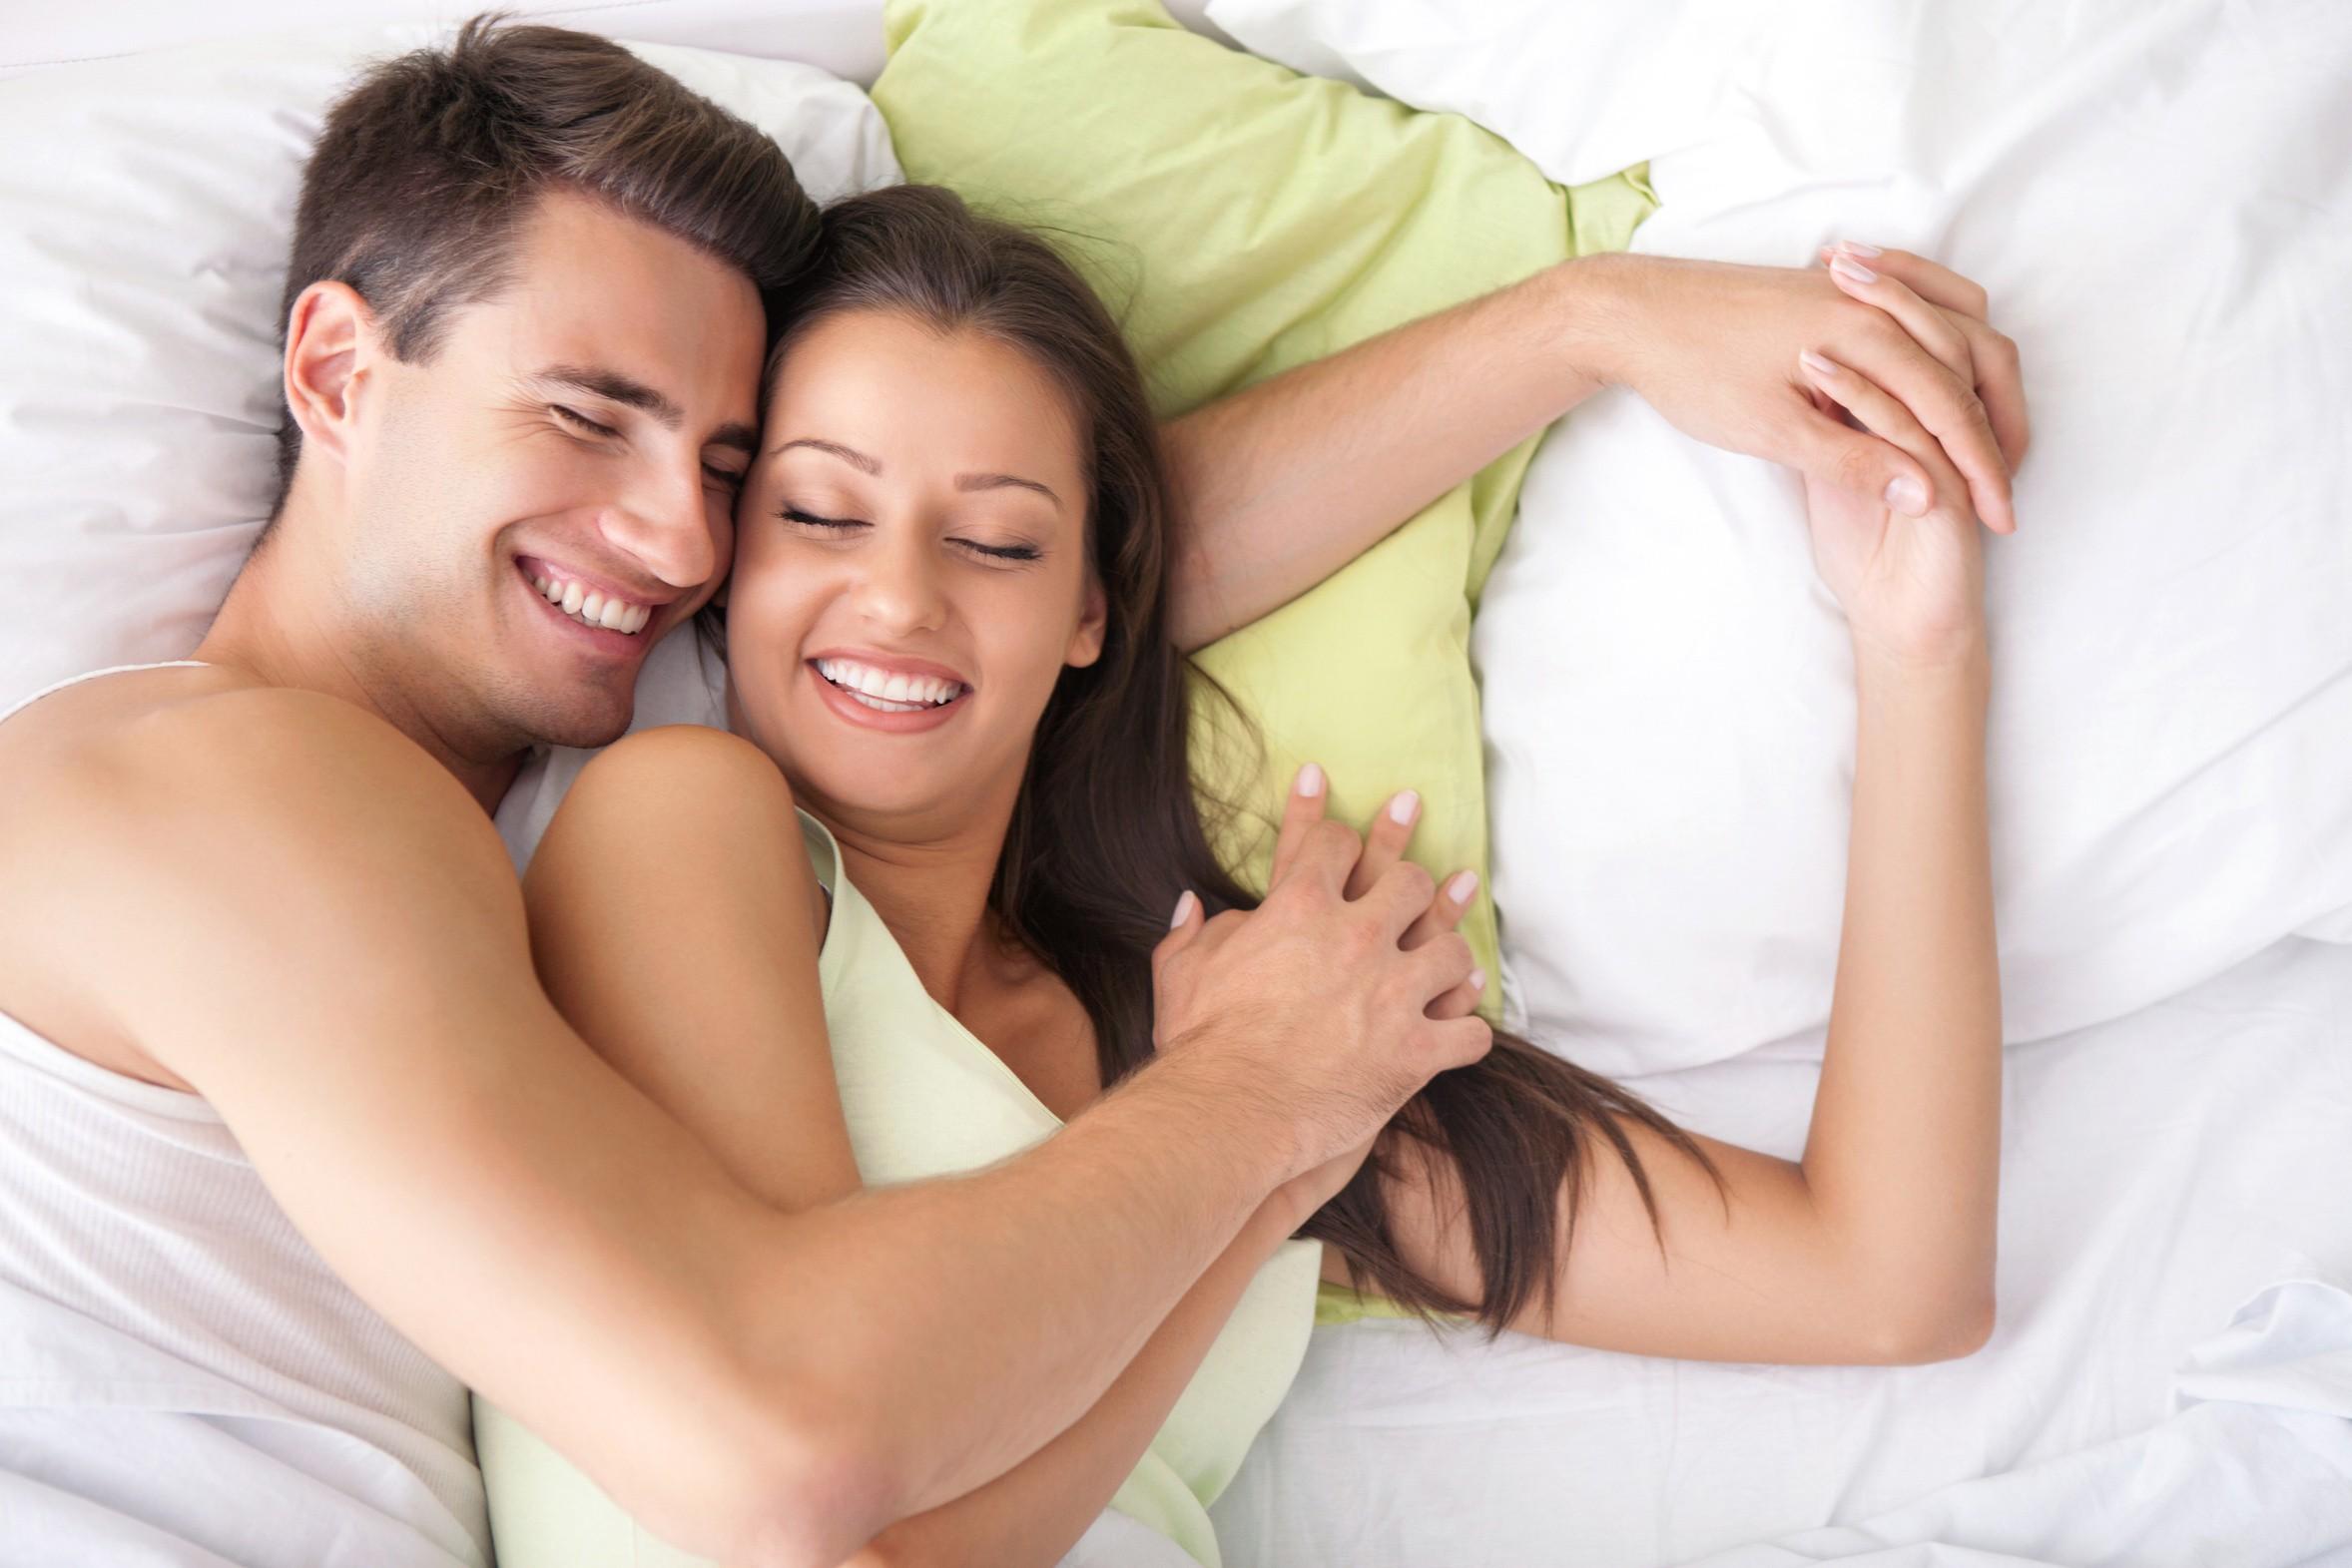 Физичекая нагрузка и секс